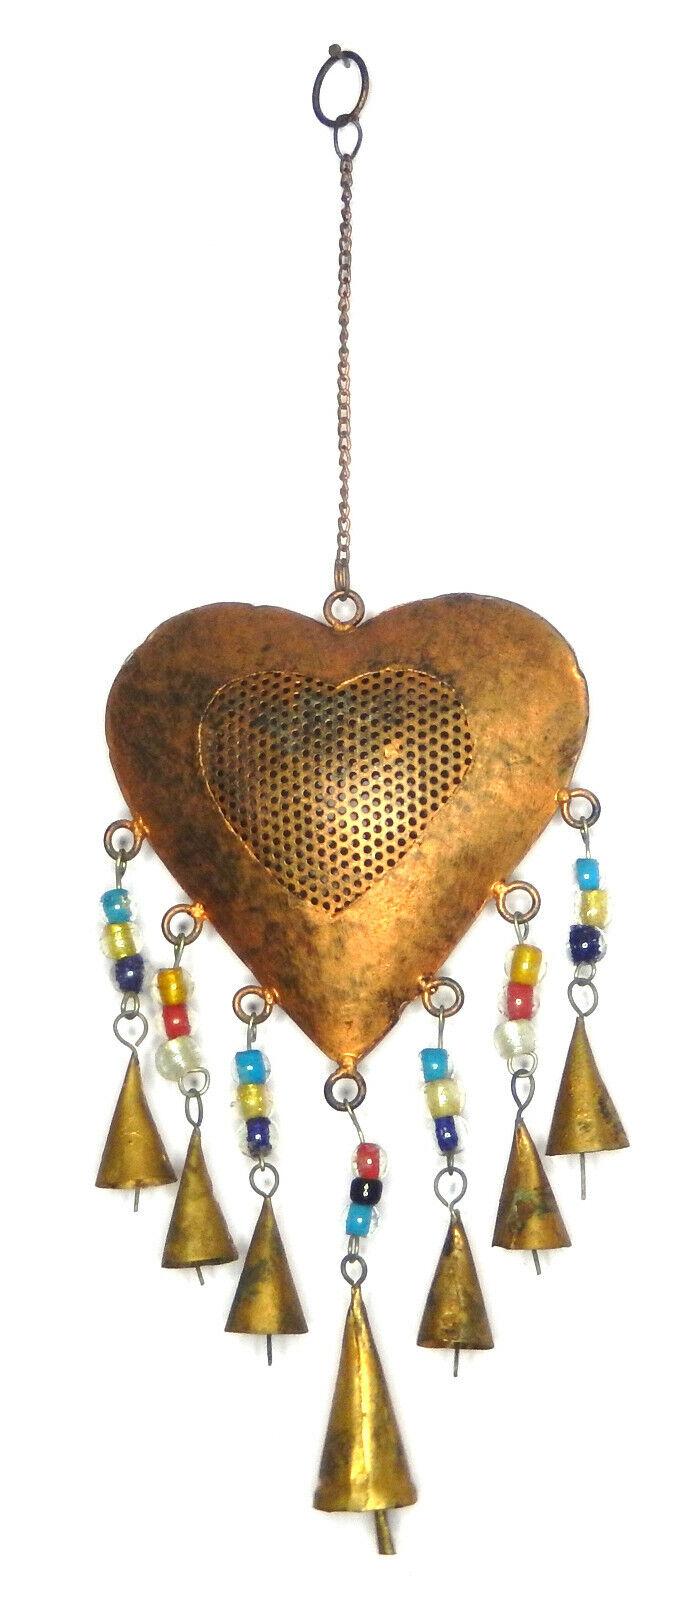 Heart Shape Bell Wind Chime Metal Door Knocker Garden Wall Decor Hanging Bell A6